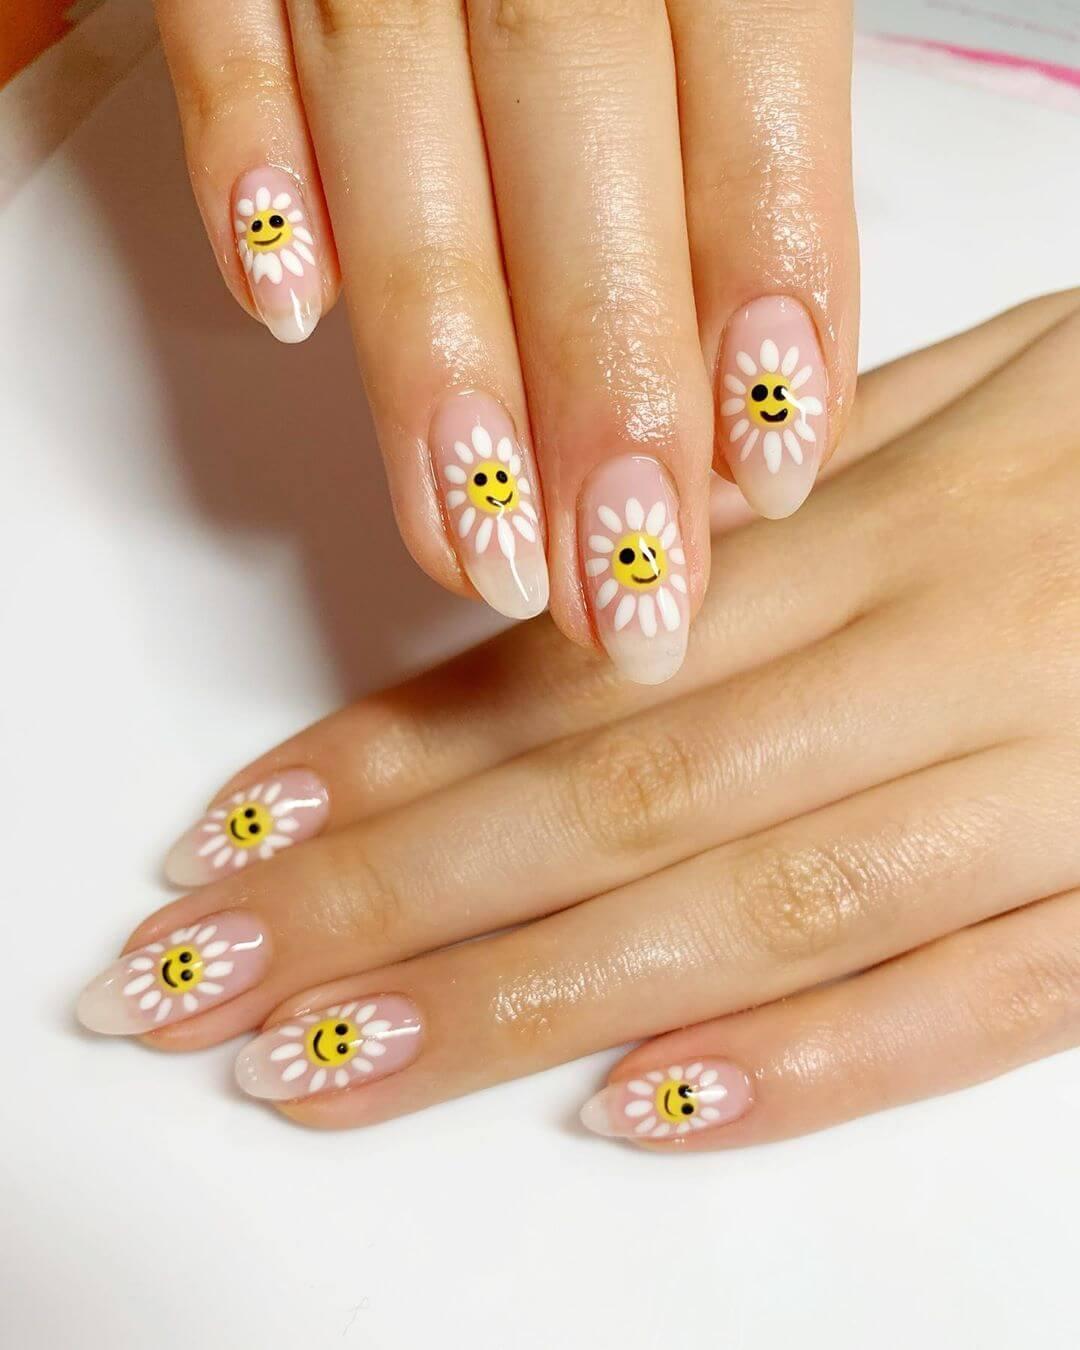 Smiley Daisies Yellow Nail Art Design